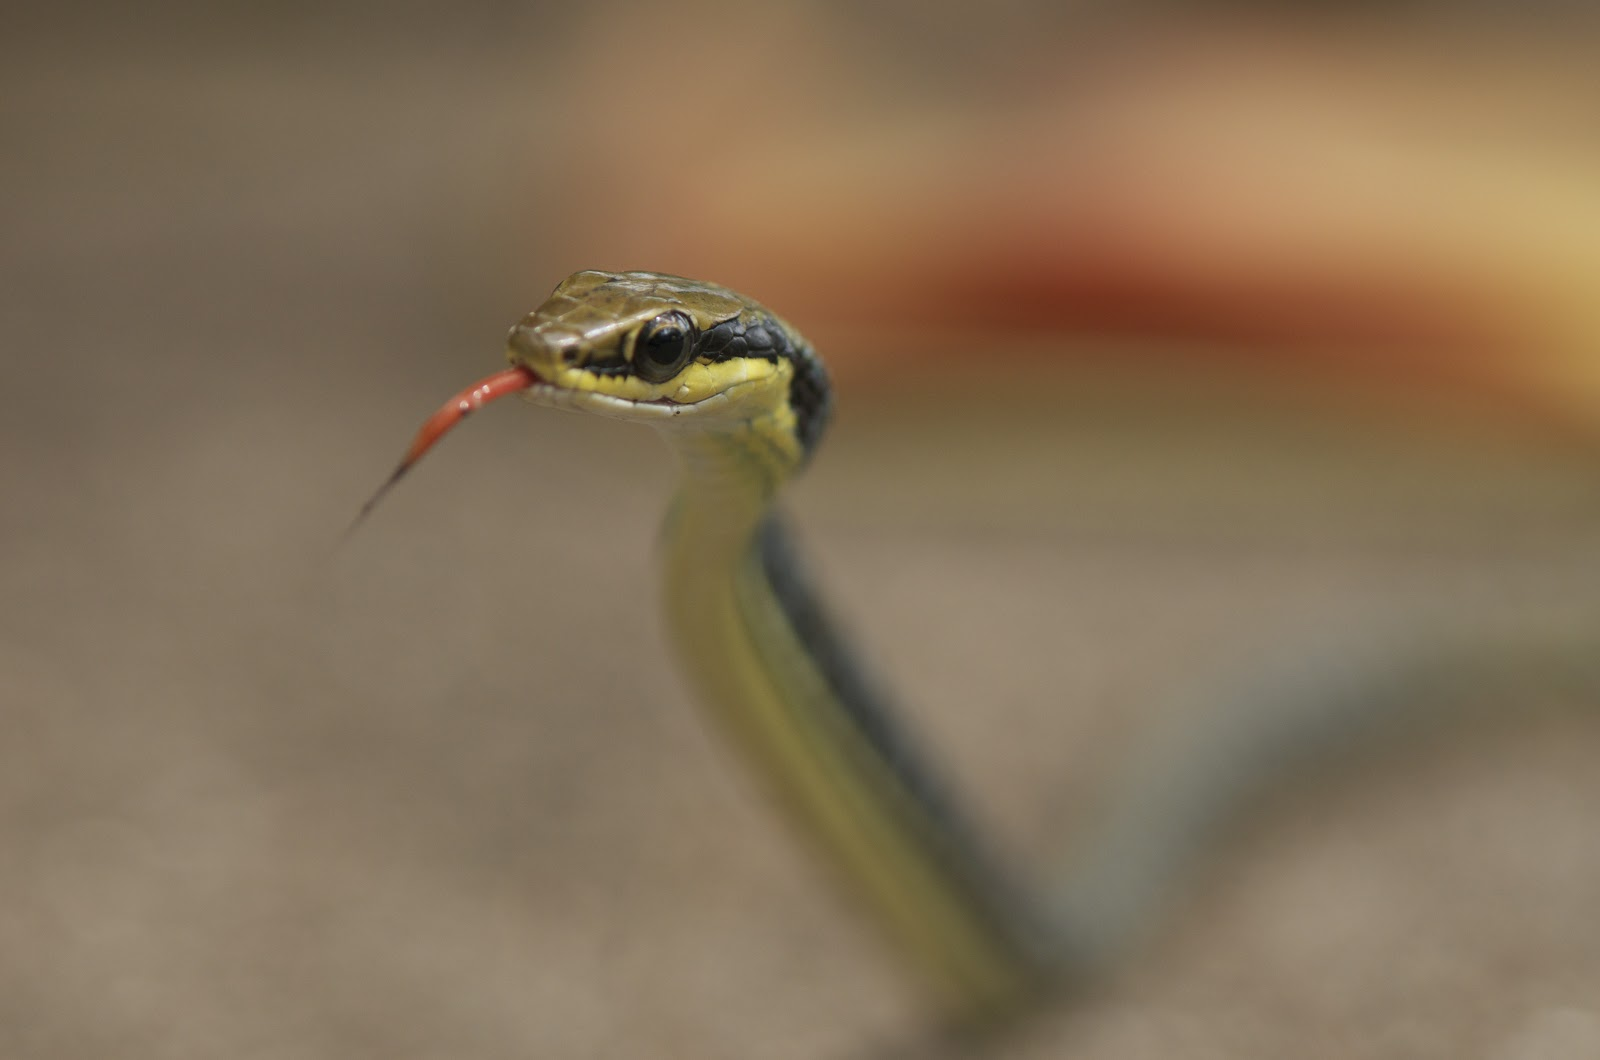 Indonesia Reptiles Partner